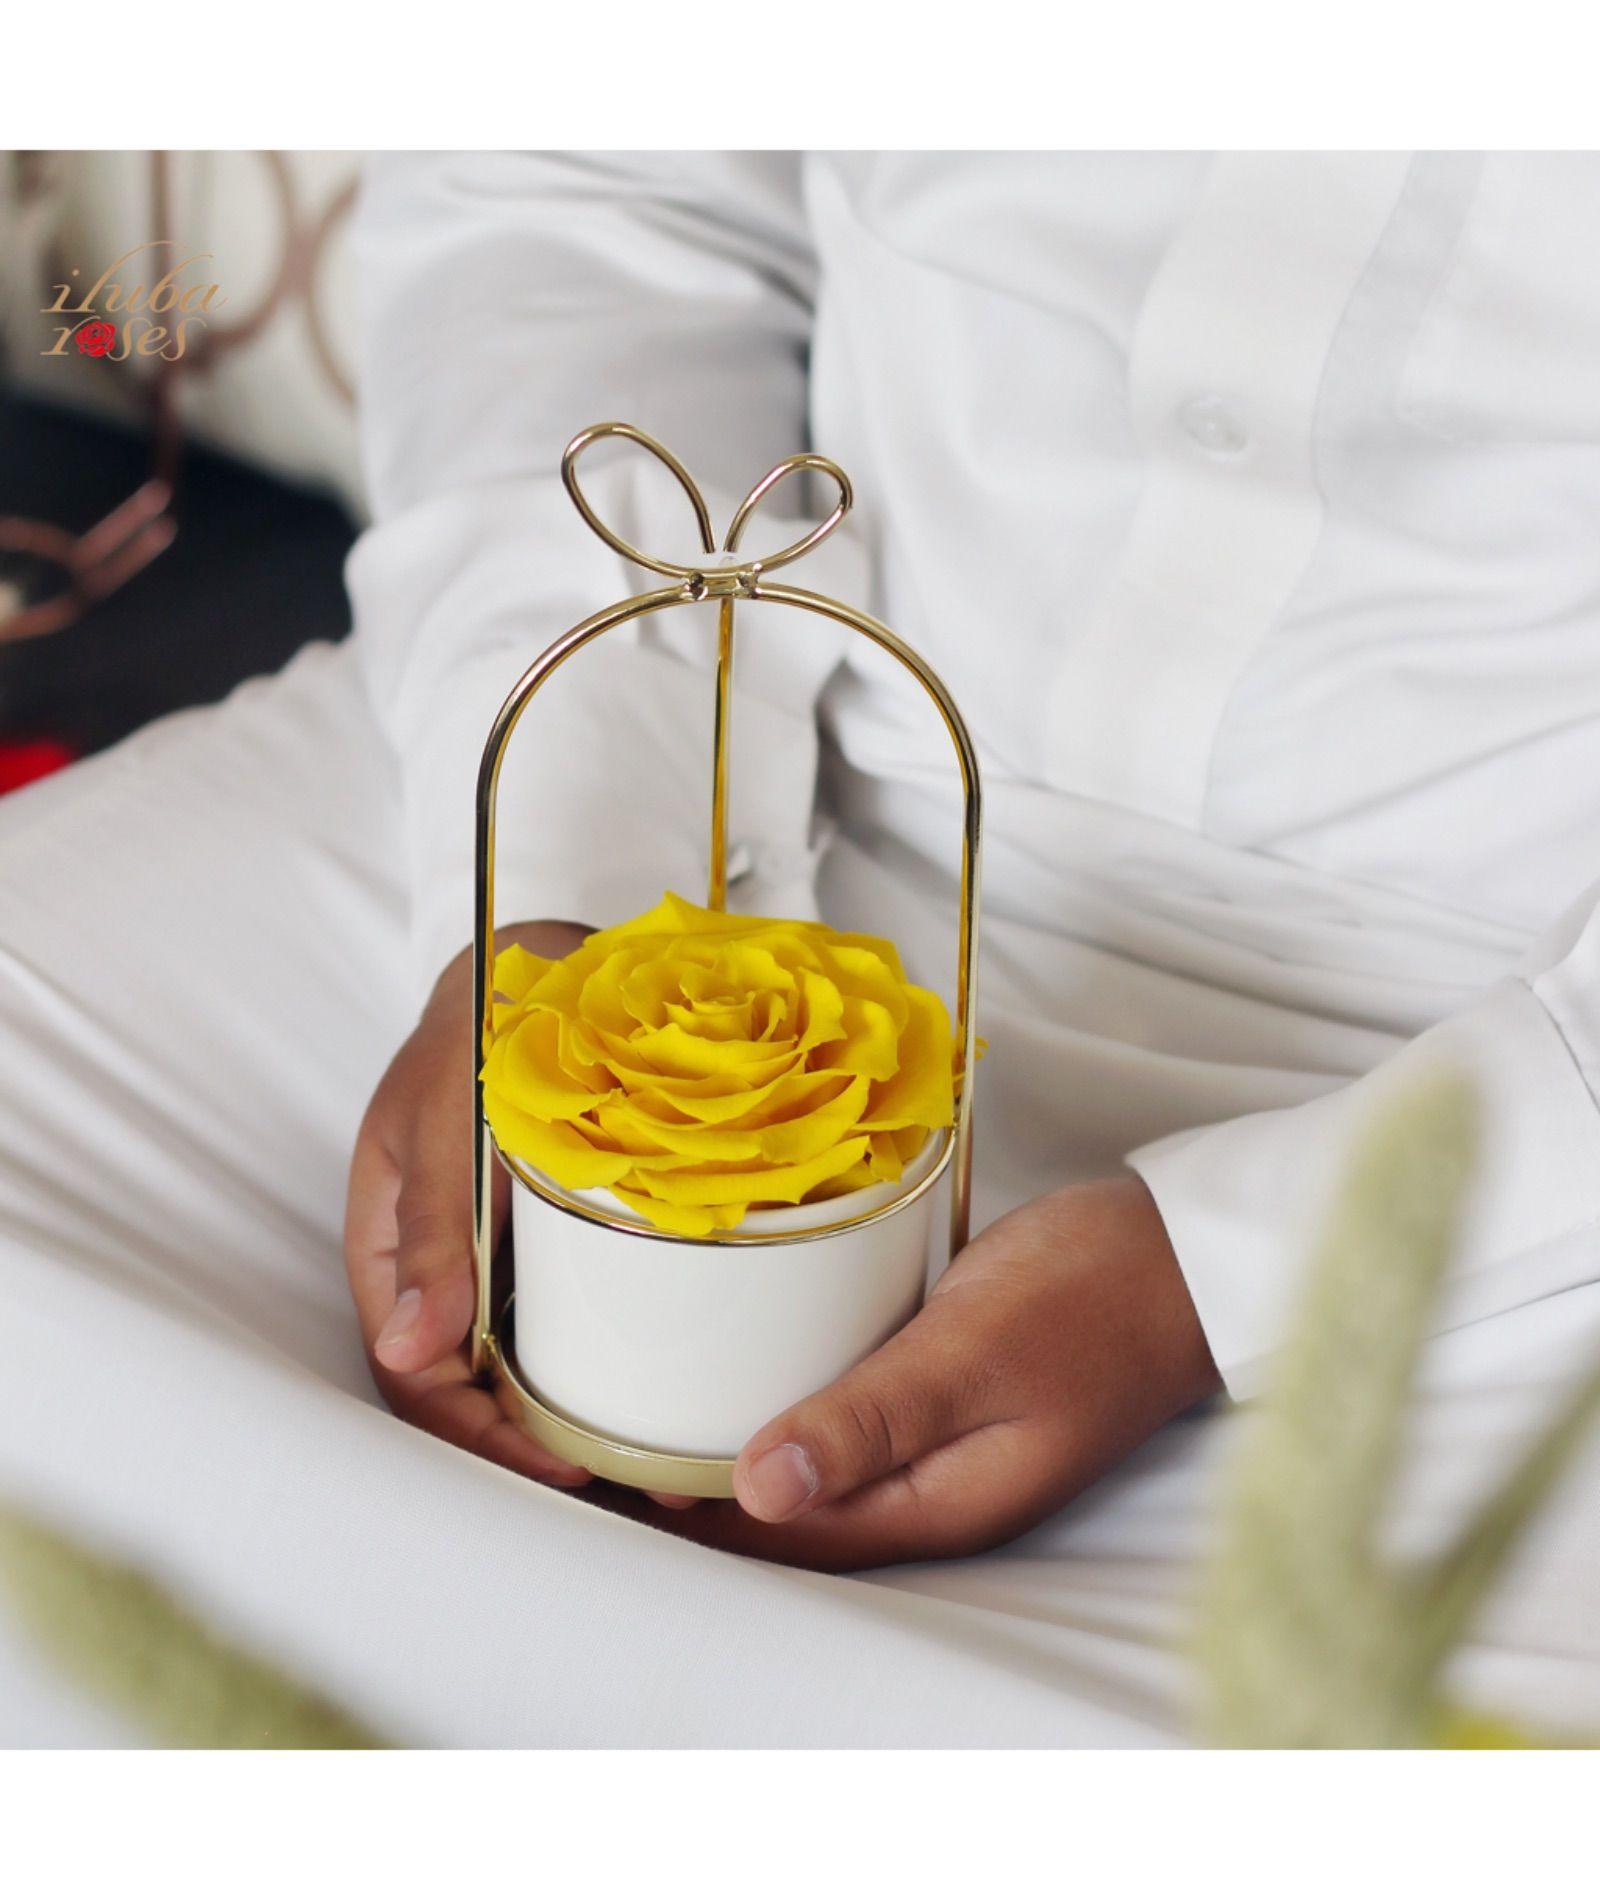 صور ورد للمرتبطين وباقات زهور متنوعة وخلفيات ورود مذهلة موقع مصري Rainbow Roses Blue Roses Beautiful Roses